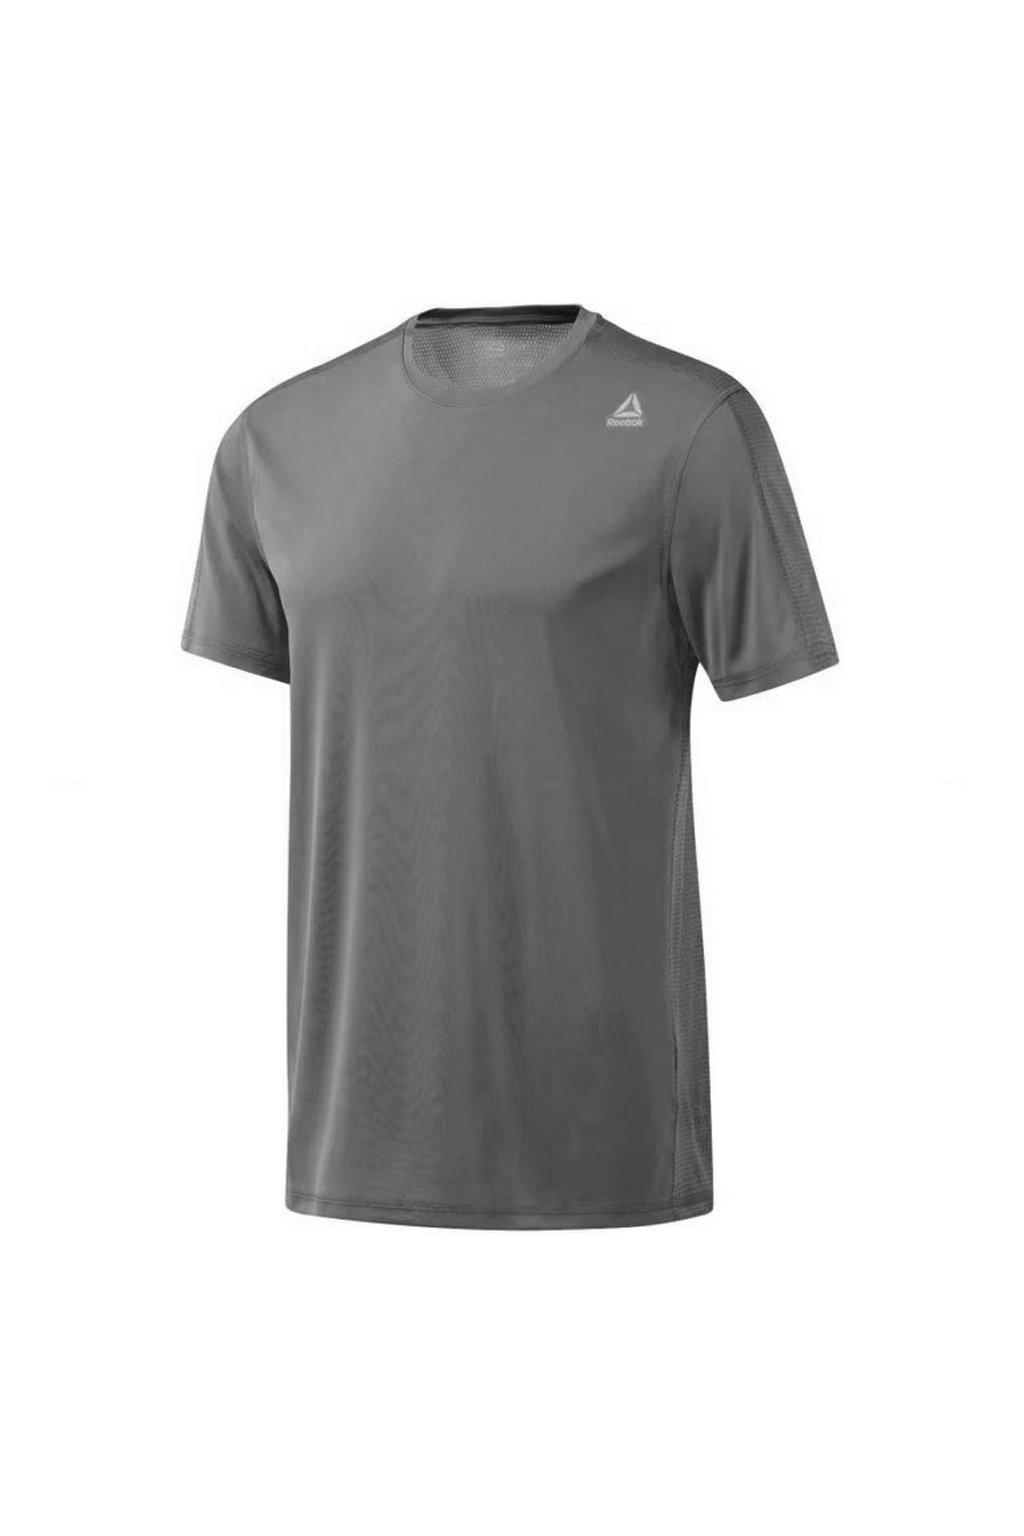 Pánske tričko Reebok Workout Tech Top šedé DU2136